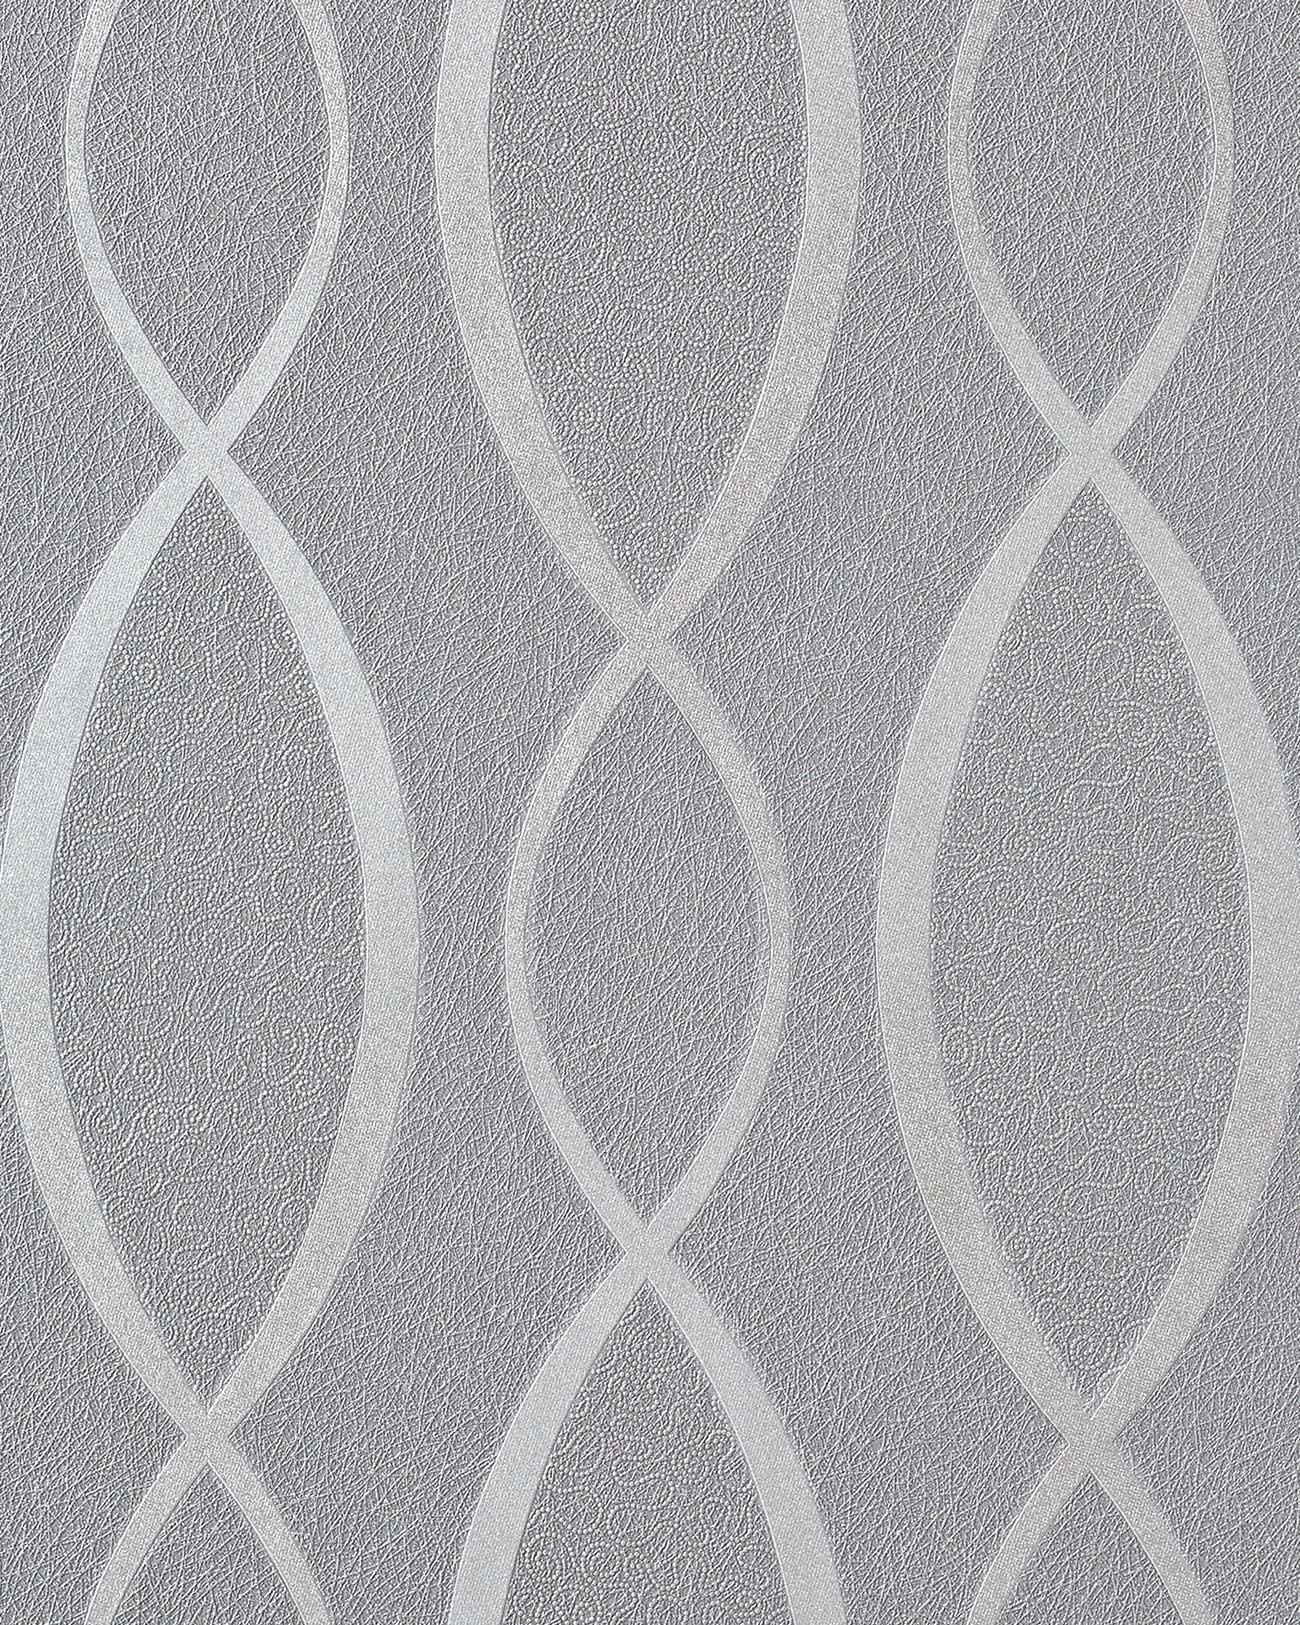 Design behangpapier vinyl abstract strepen edem 1018 16 motief golven patroon retro behang jaren - Grijs behang ...